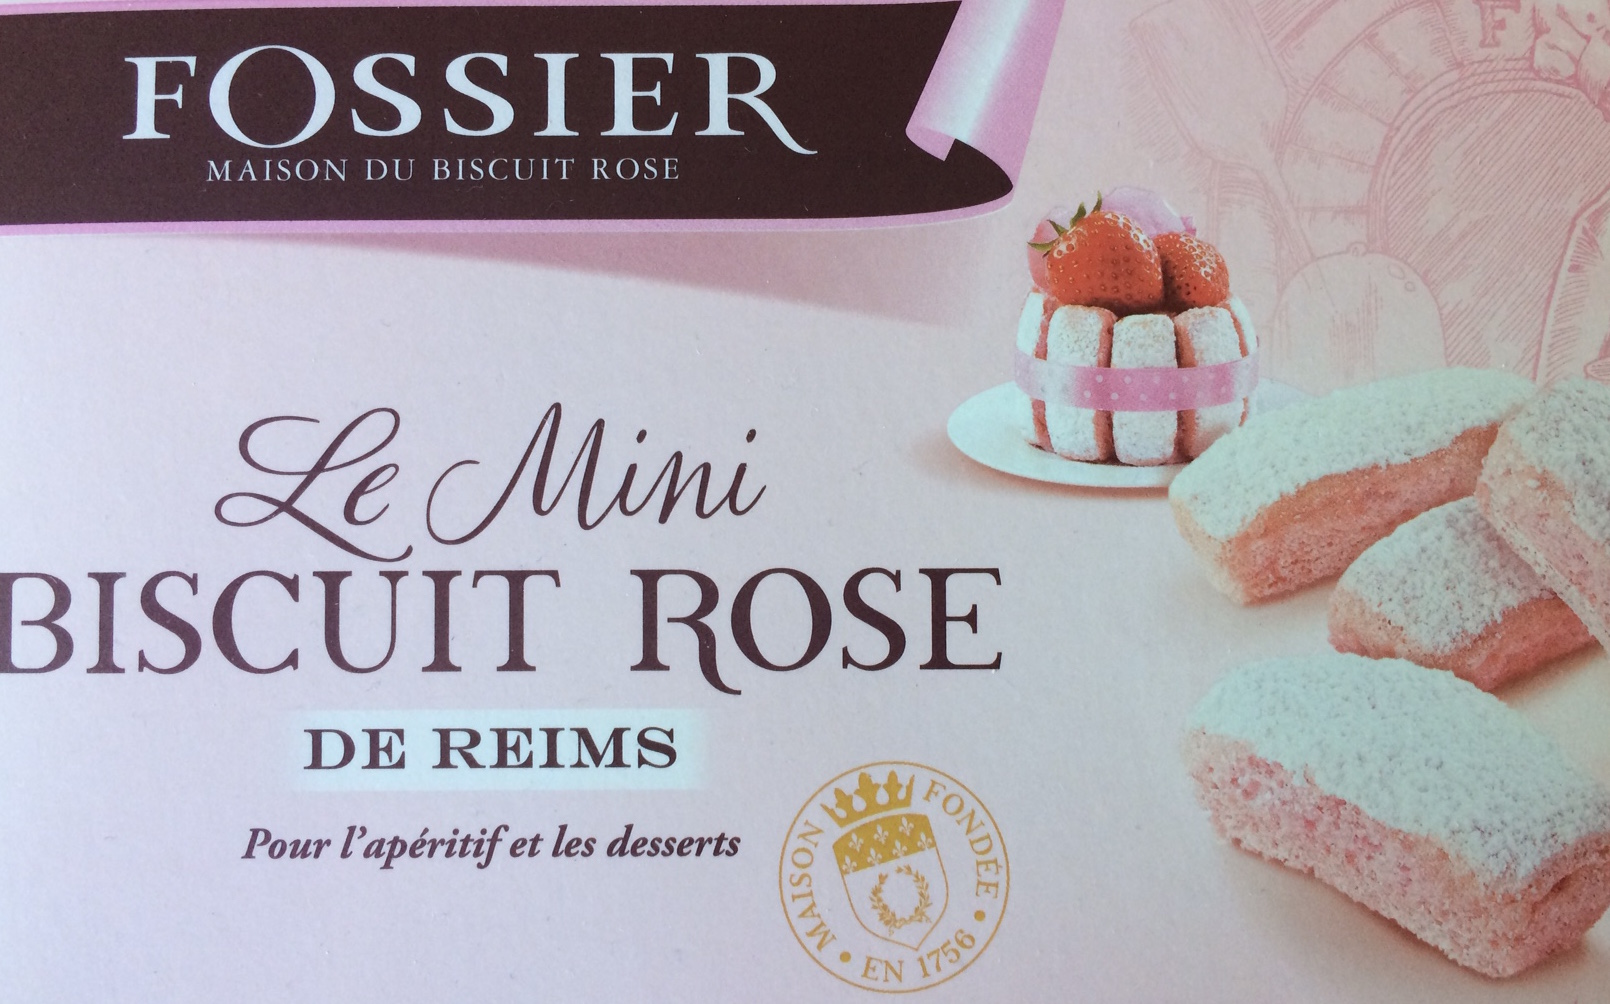 Biscuit Rose de reims Fossier